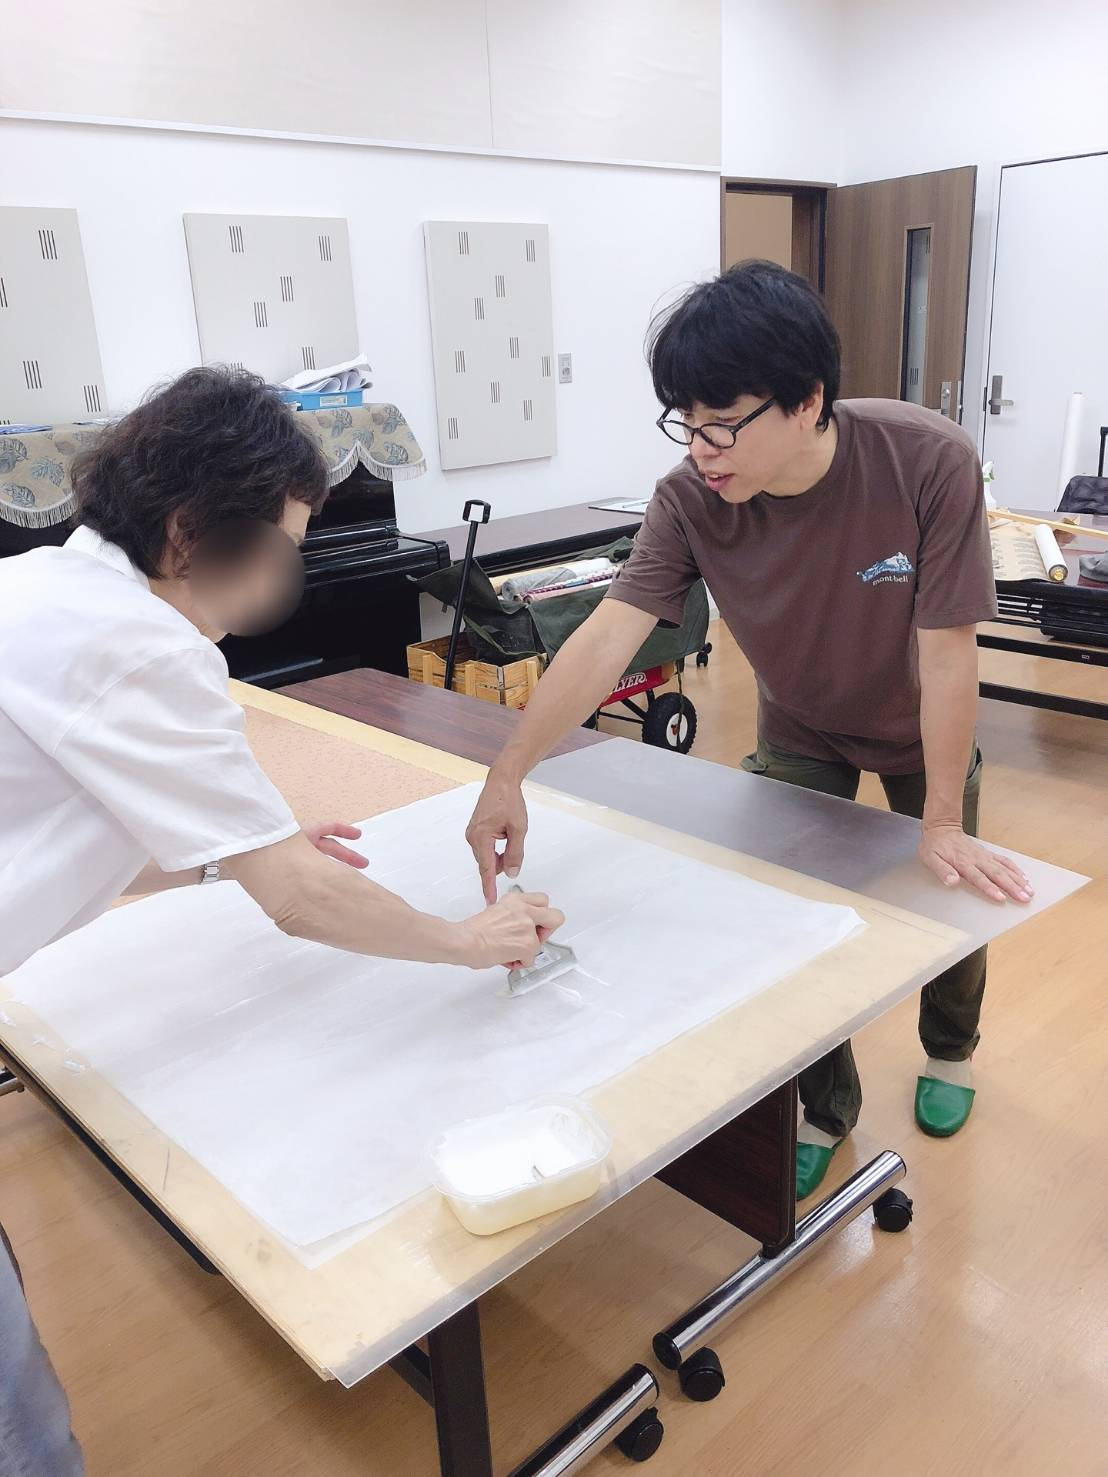 【三木校】通期:楽しい表装セミナー・日曜クラス 20/11/01~21/06/06